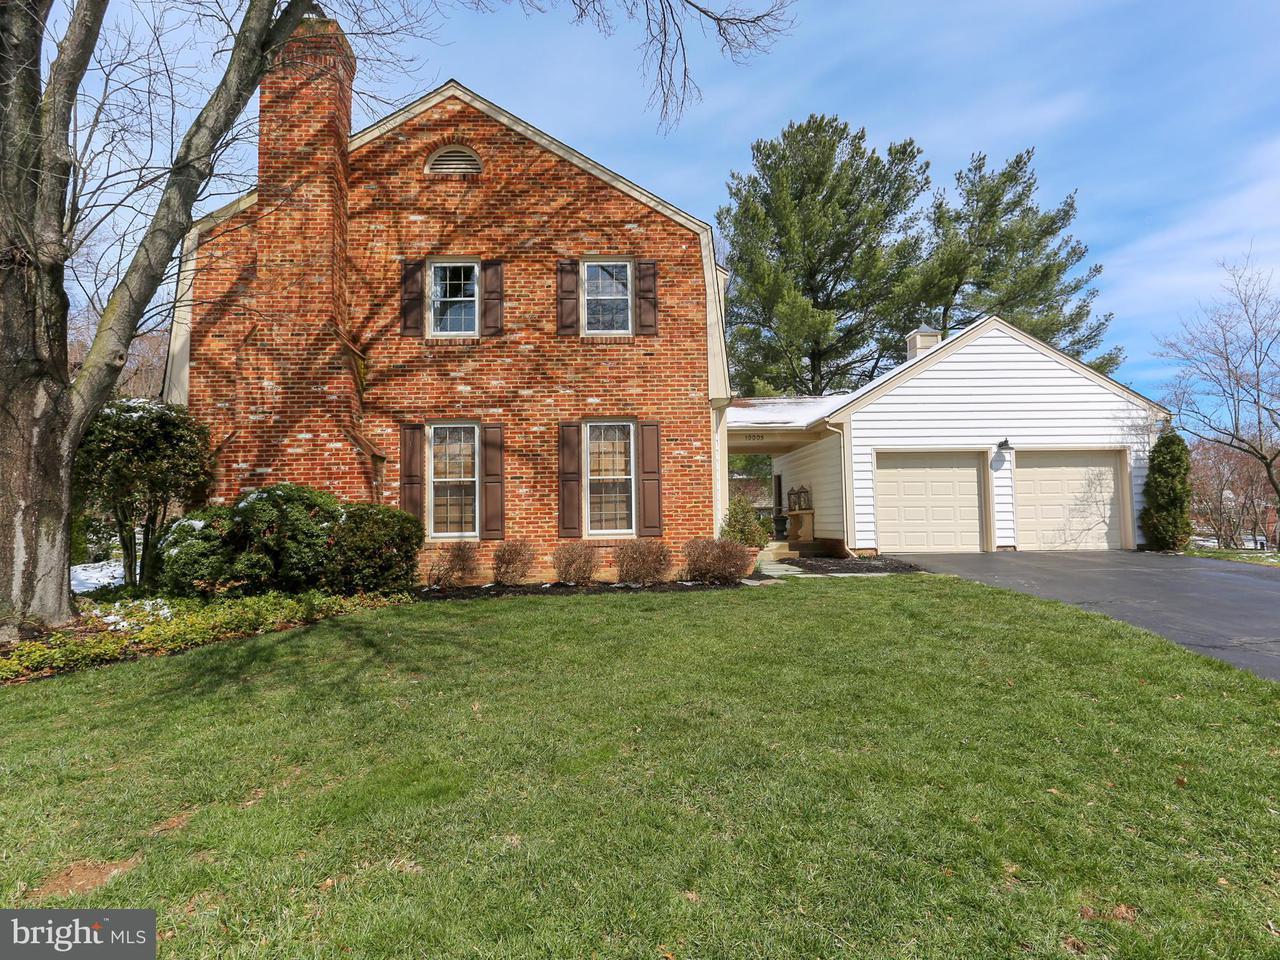 Maison unifamiliale pour l Vente à 10005 Desoto Court 10005 Desoto Court Montgomery Village, Maryland 20886 États-Unis